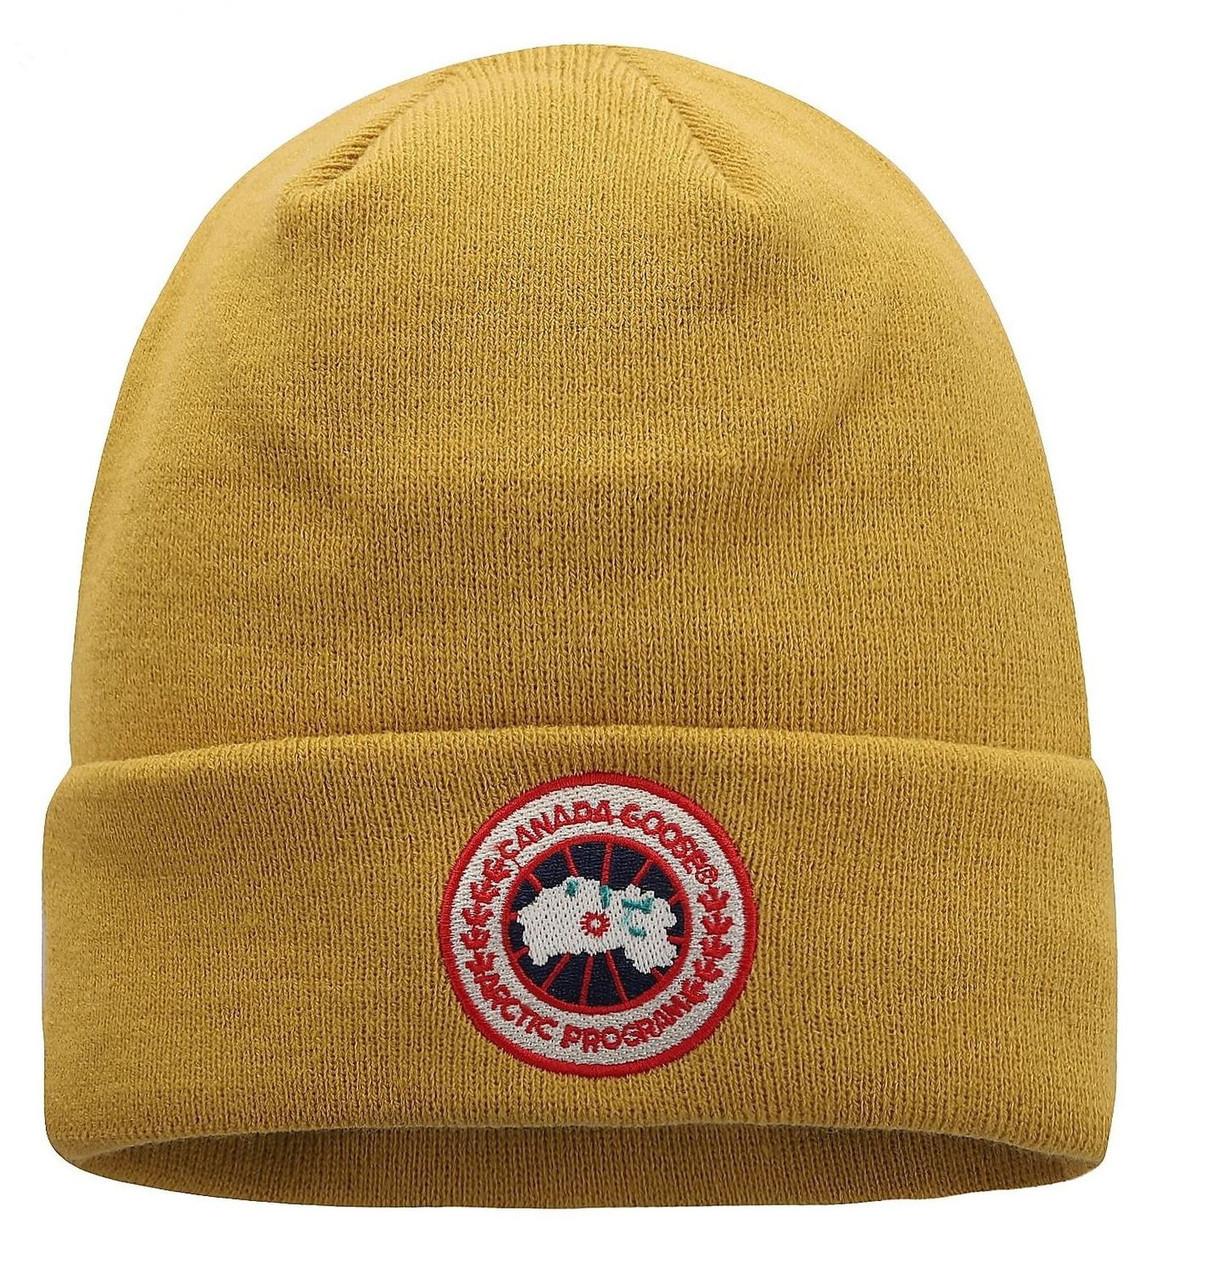 Шапка CANADA AVIATOR для дорослих і підлітків бавовна шапки канада гус